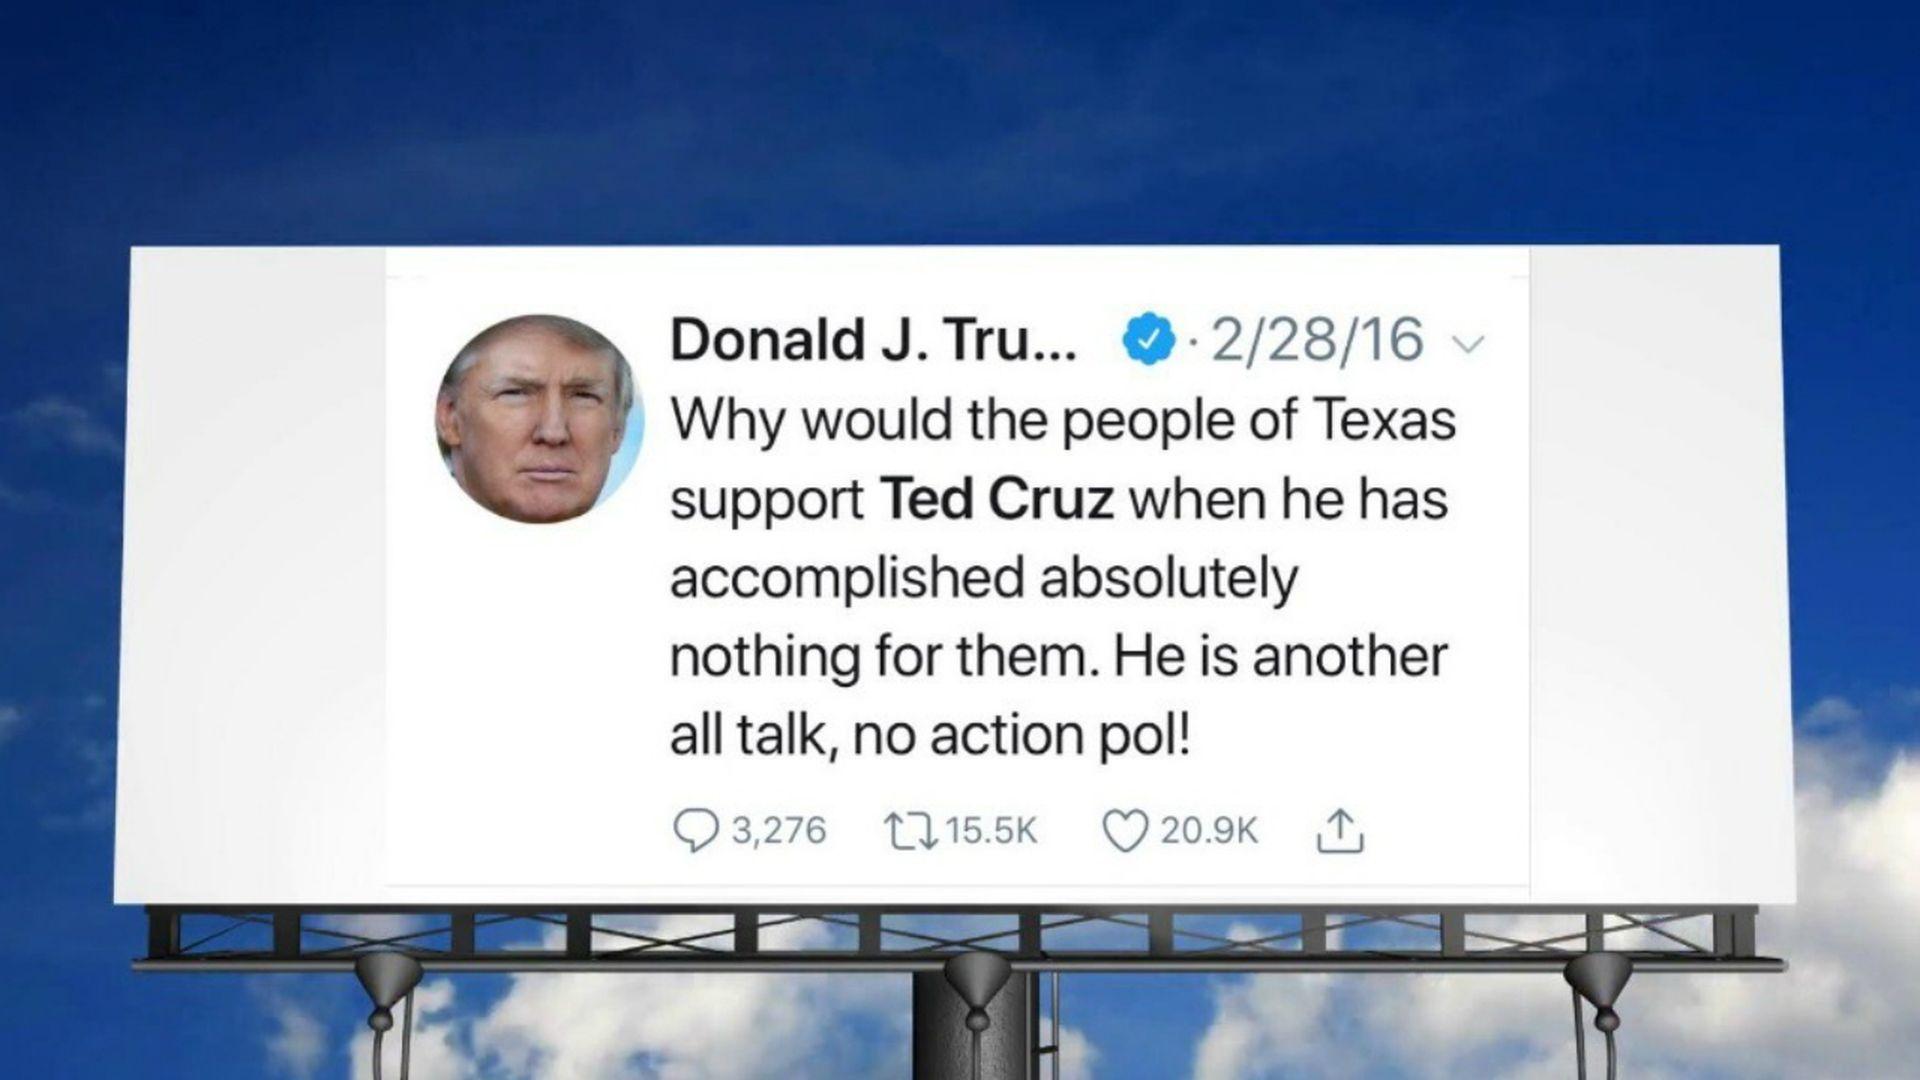 Billboard with Trump tweet attacking Ted Cruz